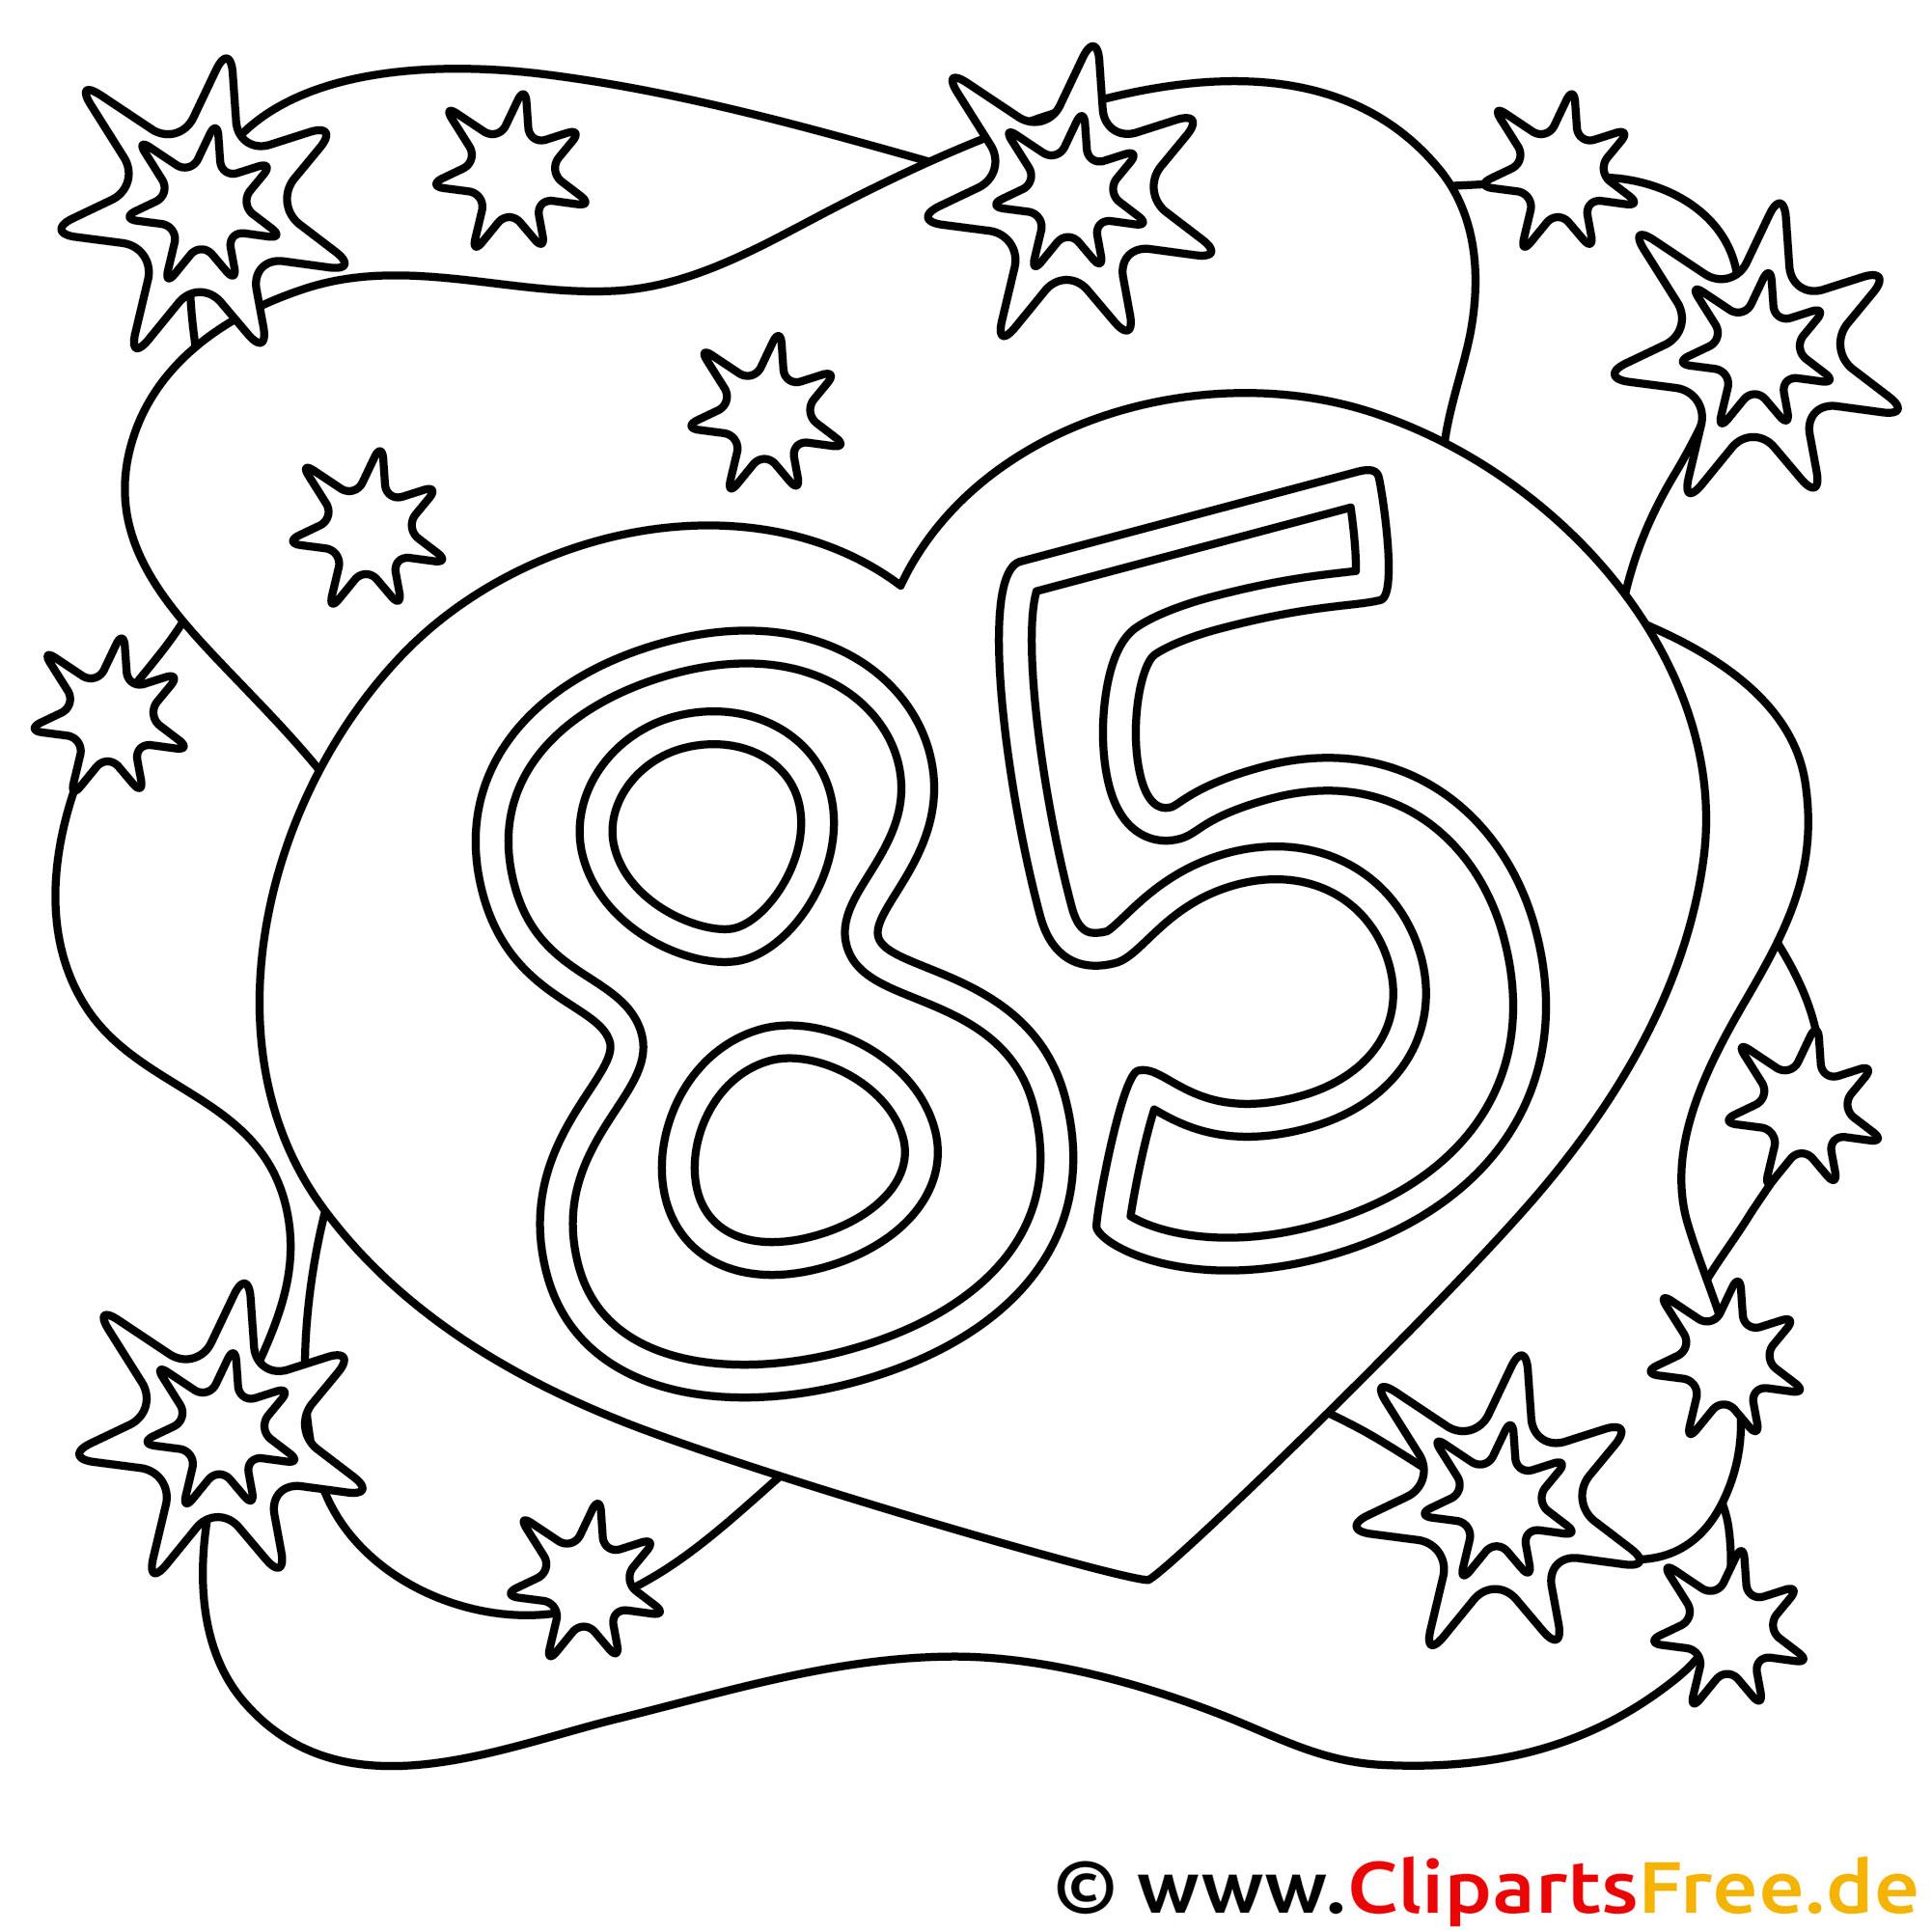 Bild zum Malen zum 85 Geburtstag